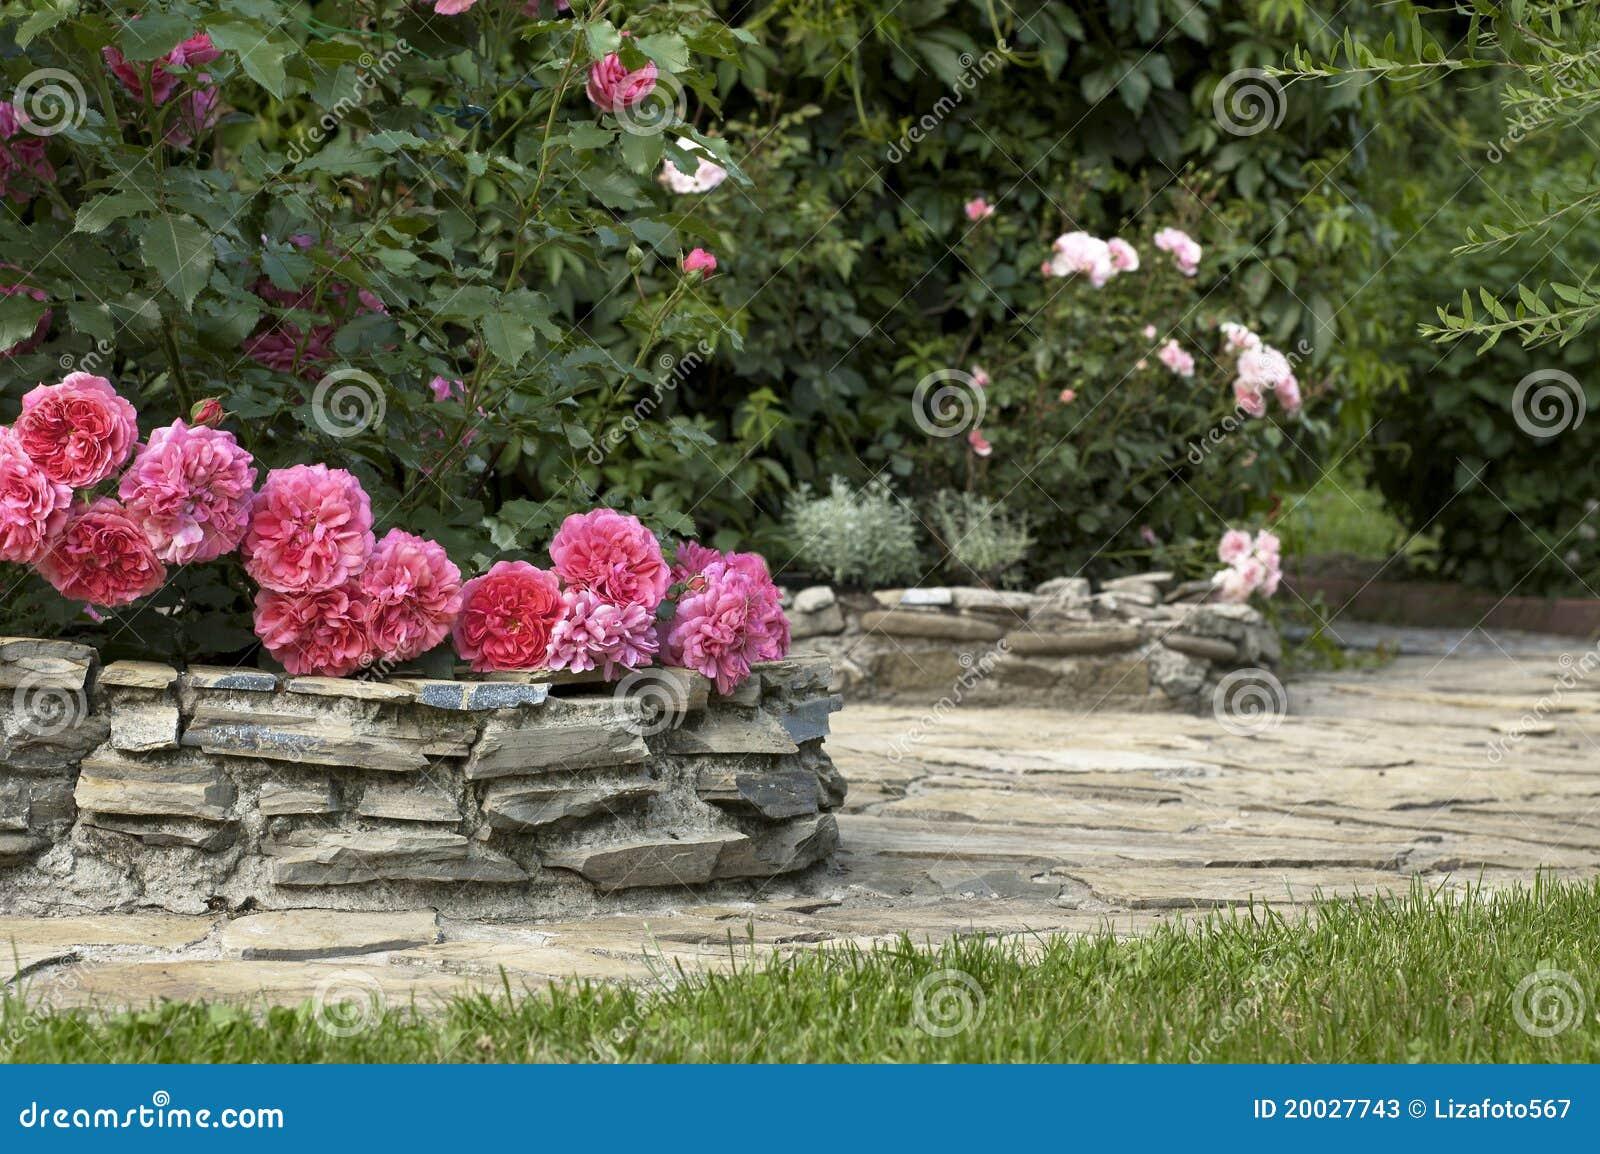 Jardim De Rosas Fotos de Stock  Imagem 20027743